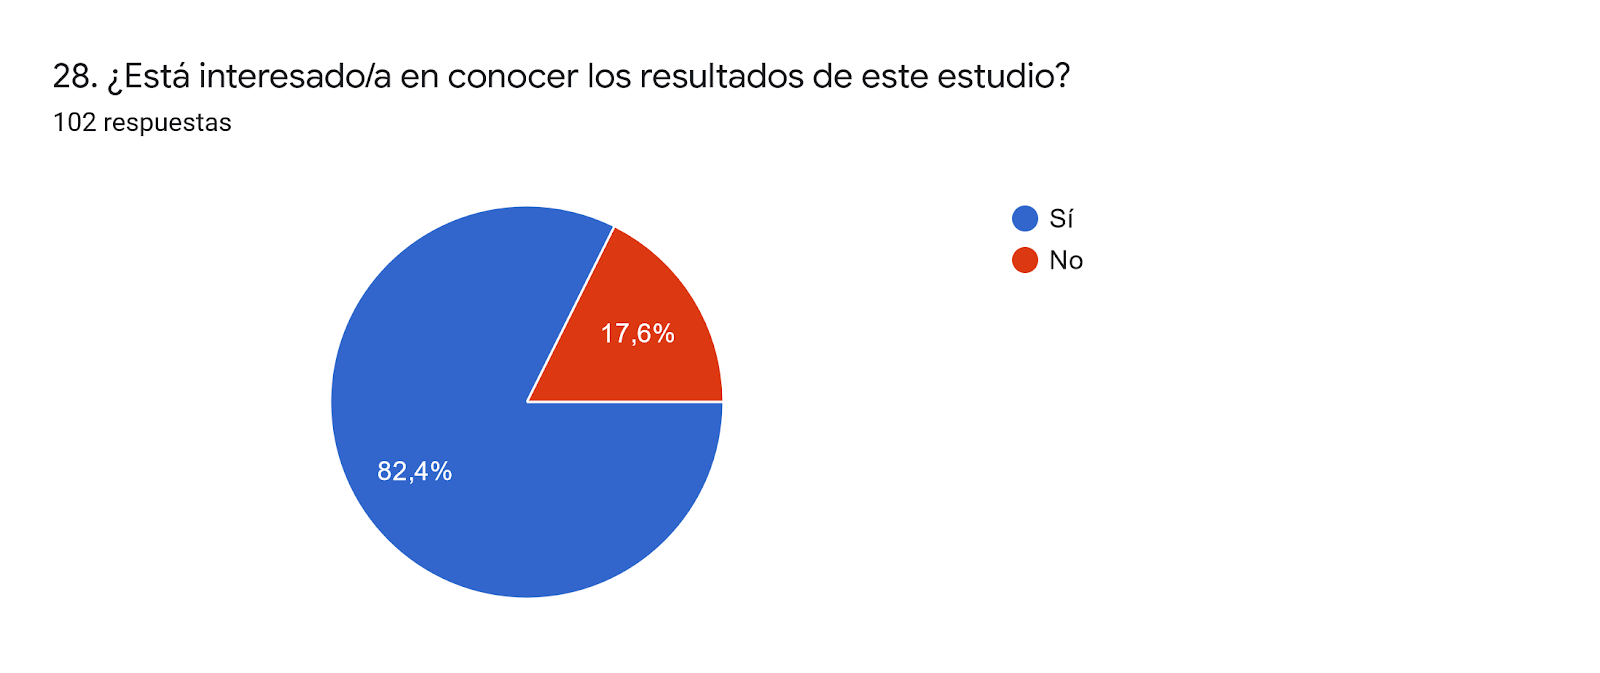 Gráfico de respuestas de formularios. Título de la pregunta:28. ¿Está interesado/a en conocer los resultados de este estudio?. Número de respuestas:102 respuestas.